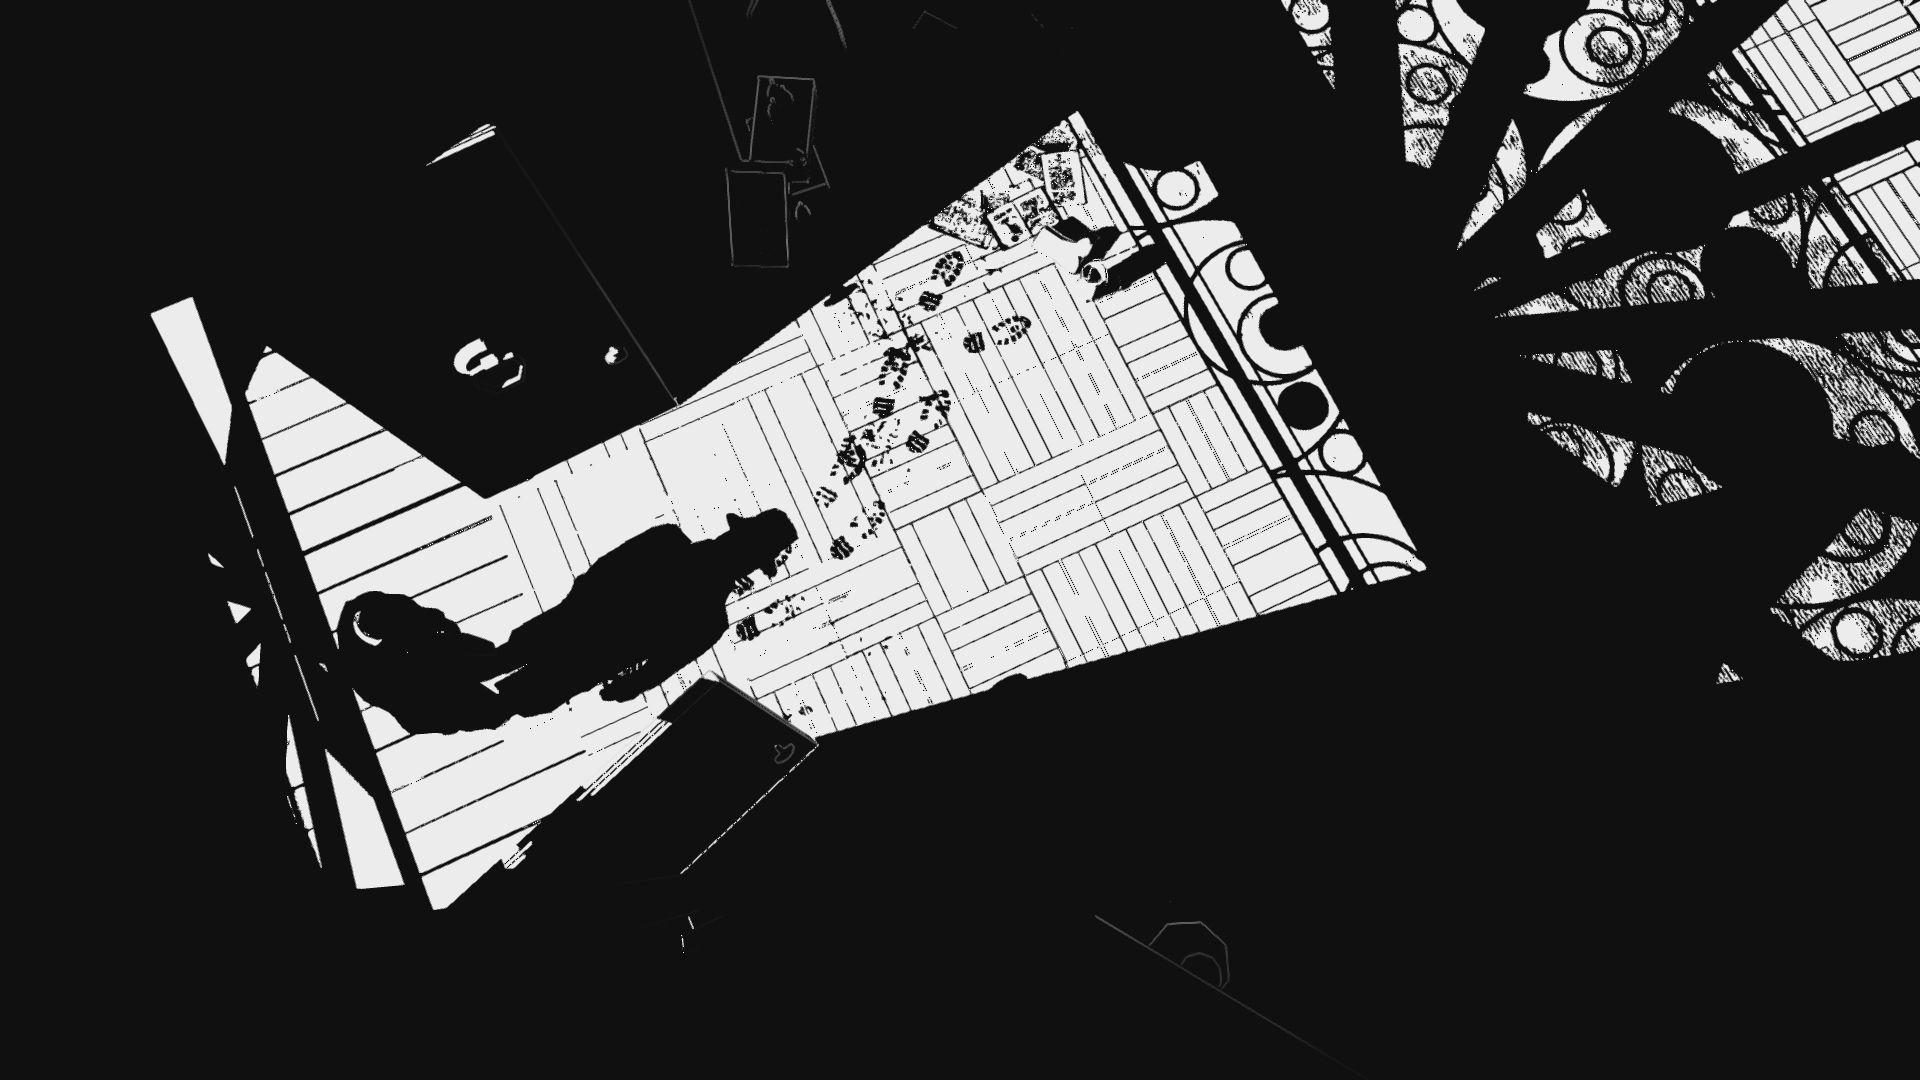 Noir computer wallpaper